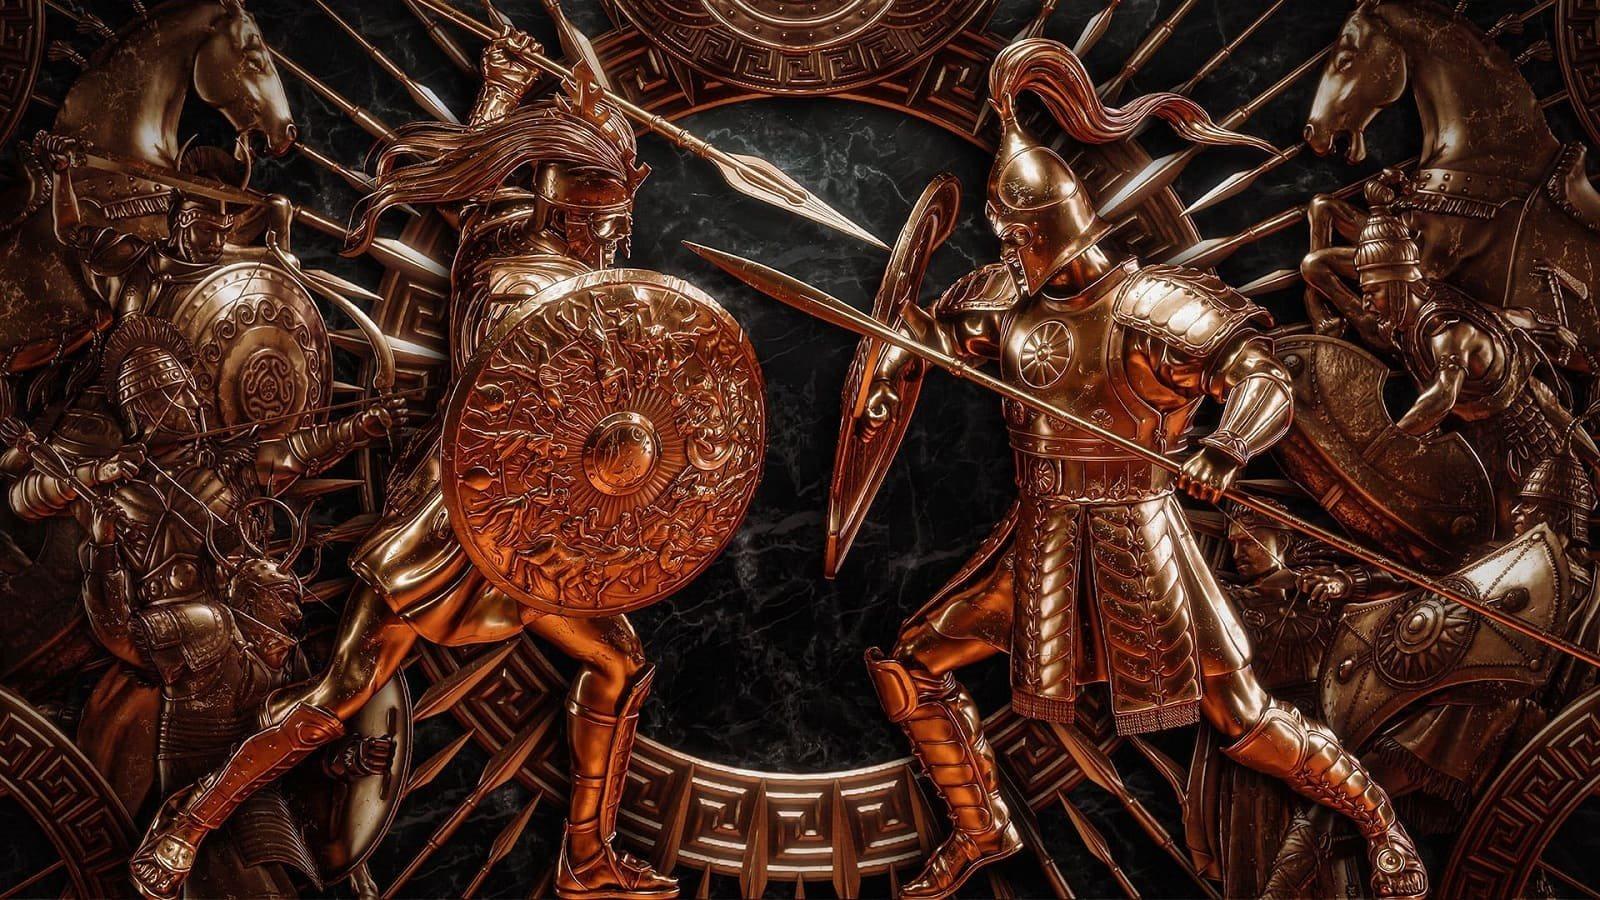 Total War Saga: TROY nos levará a experimentar a Ilíada de Homero de uma perspectiva histórica em que nossas decisões definirão o rumo da lenda.